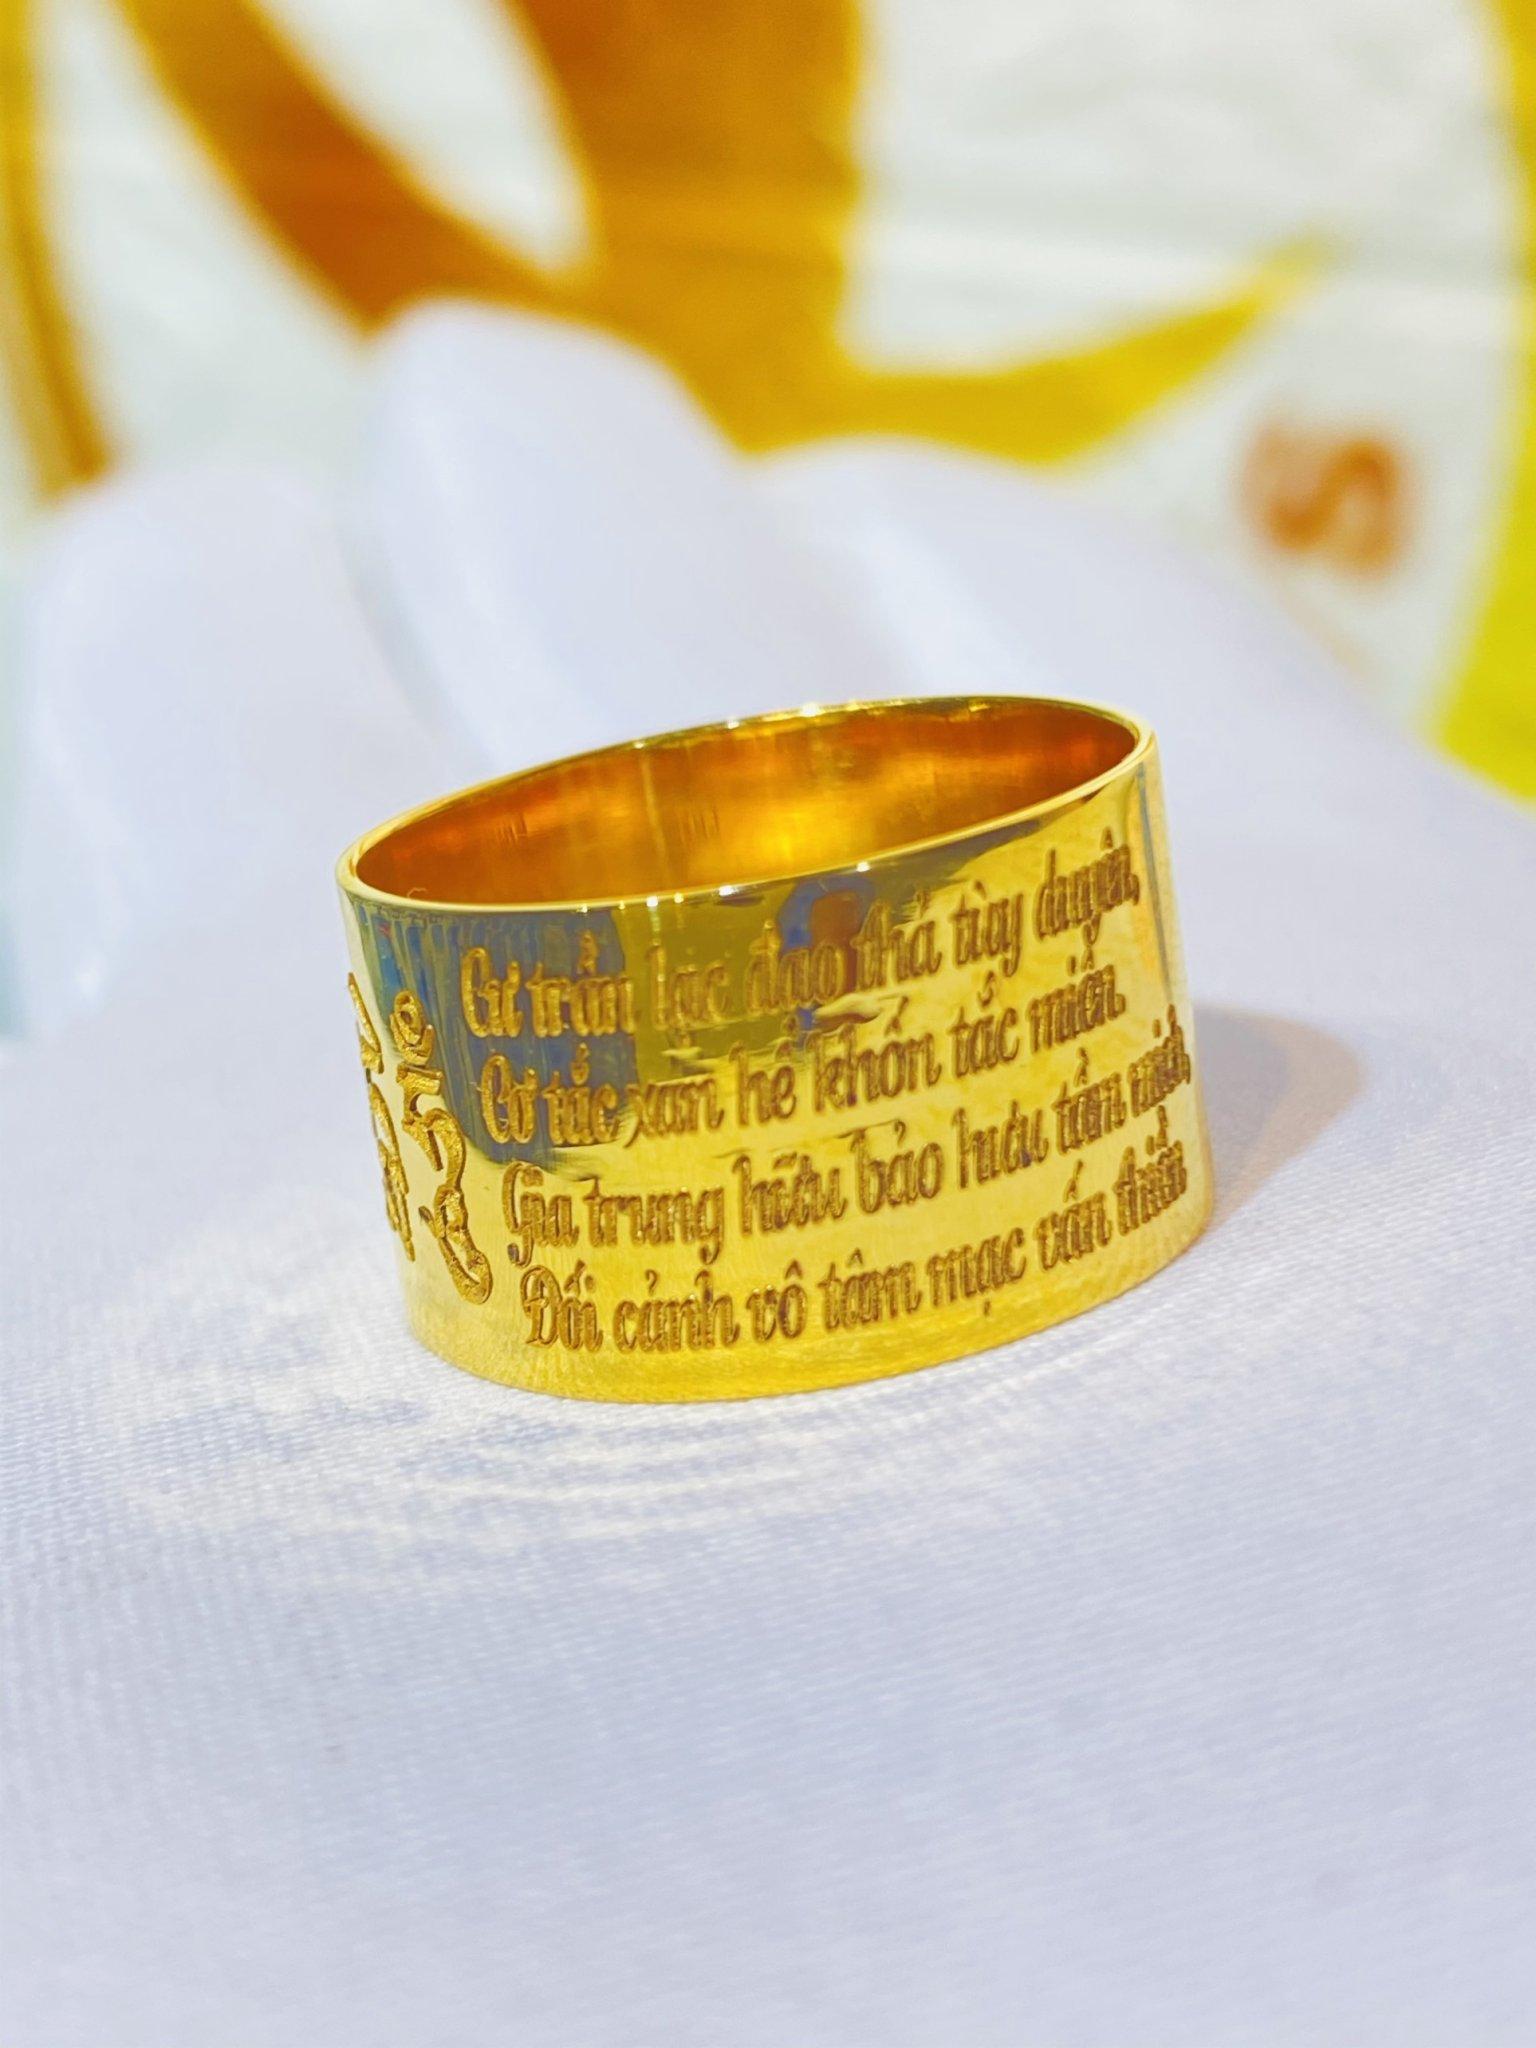 Nhẫn nam vàng 18k khắc om mani padme hum – lục tự đại minh chú bảng 10ly Riogems